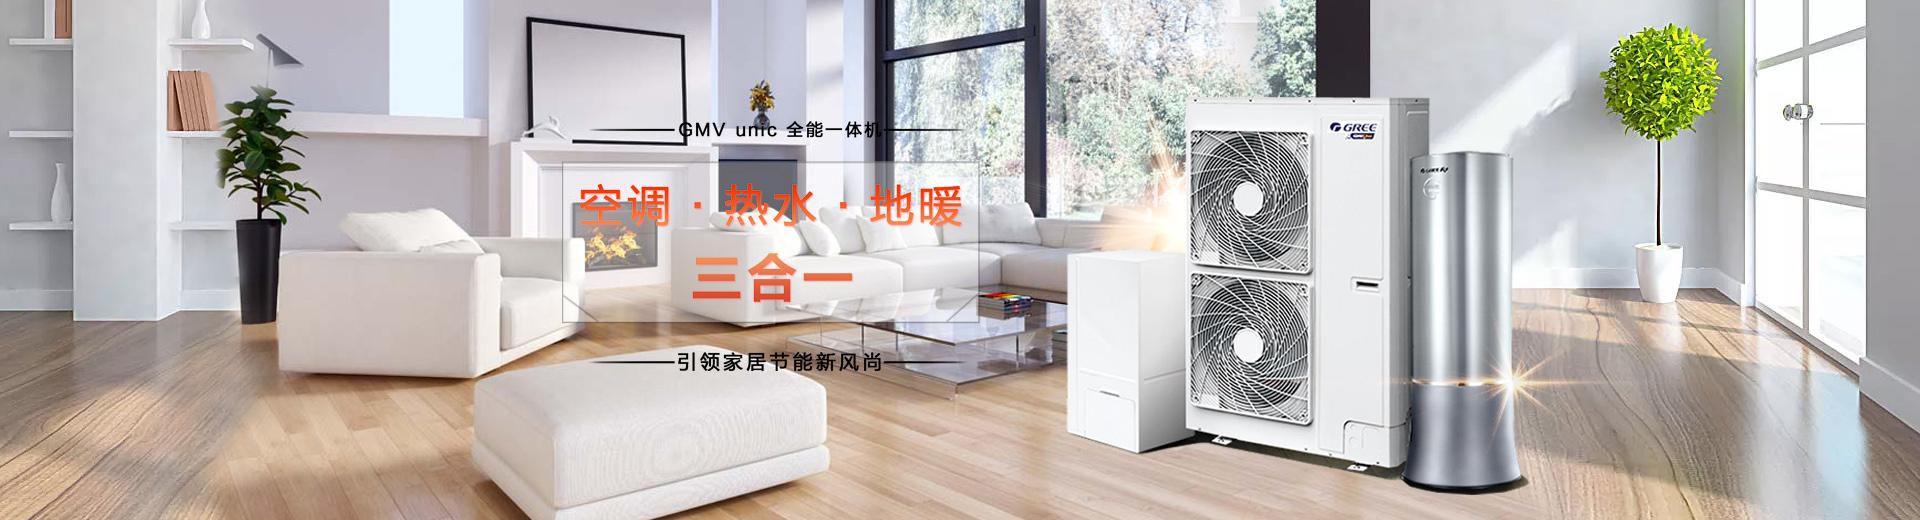 重庆格力商用中央空调